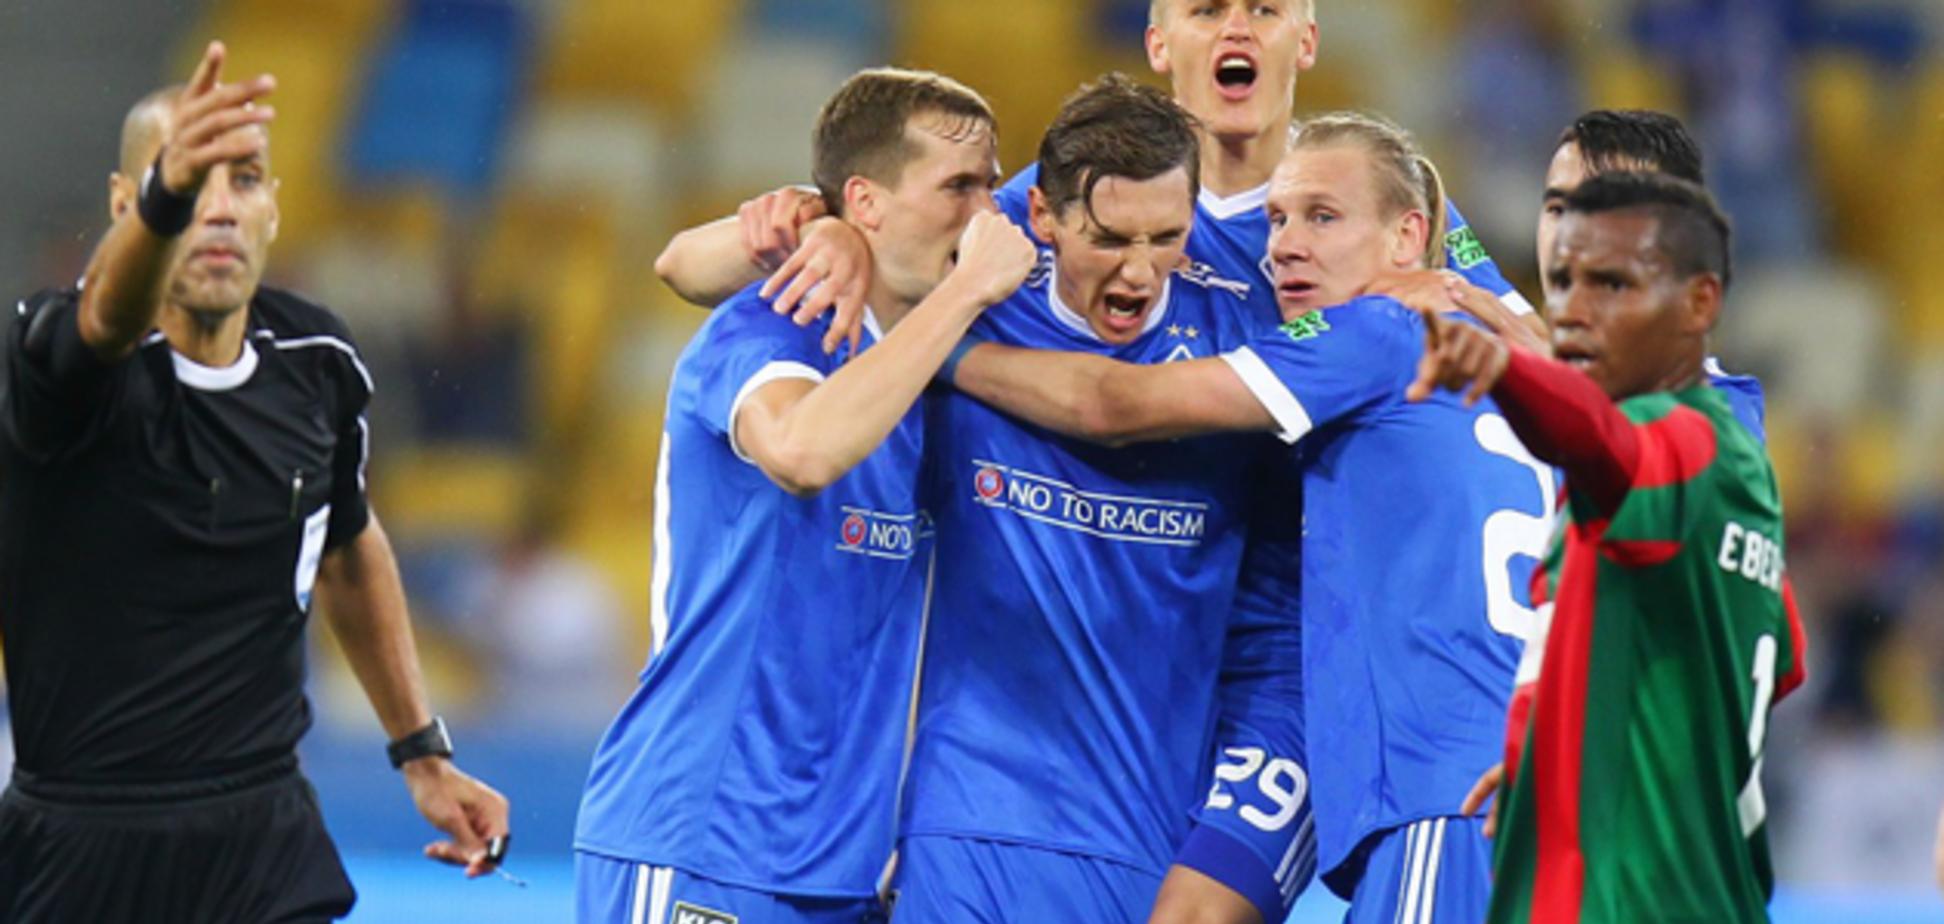 Перемога! Динамо - Скендербеу: онлайн-трансляція матчу Ліги Європи